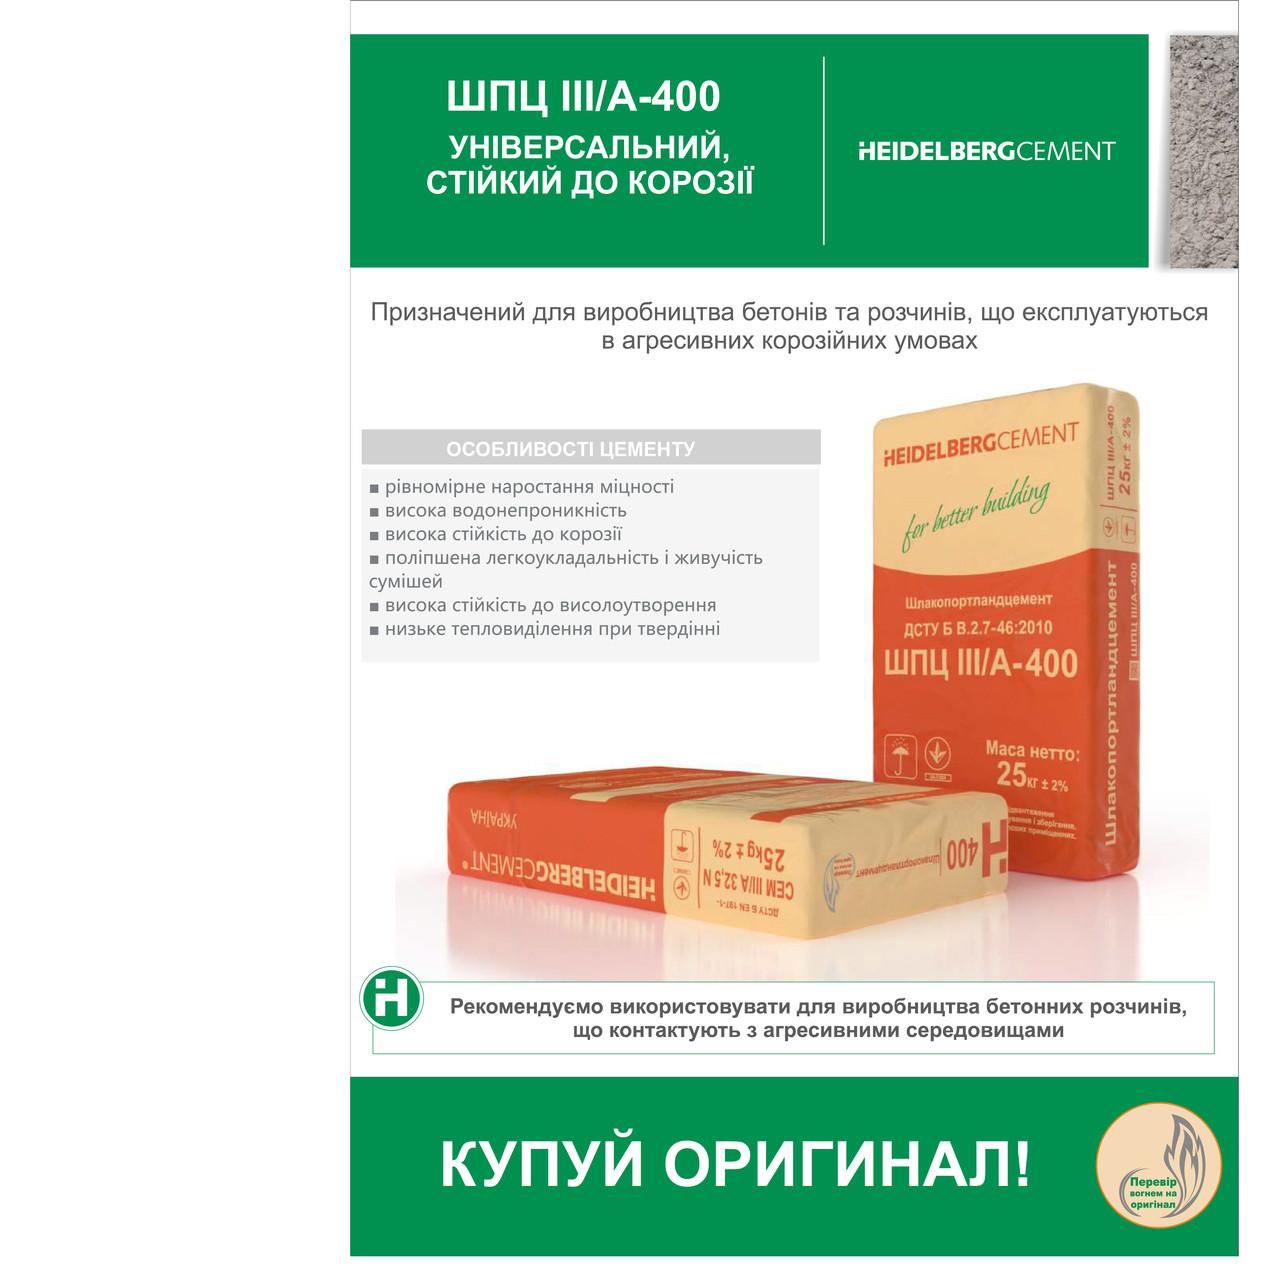 ЦементШПЦ ІІІ/А-400  УНІВЕРСАЛЬНИЙ, СТІЙКИЙ ДО КОРОЗІЇ (25)кг «ХайдельбергЦемент Украина»